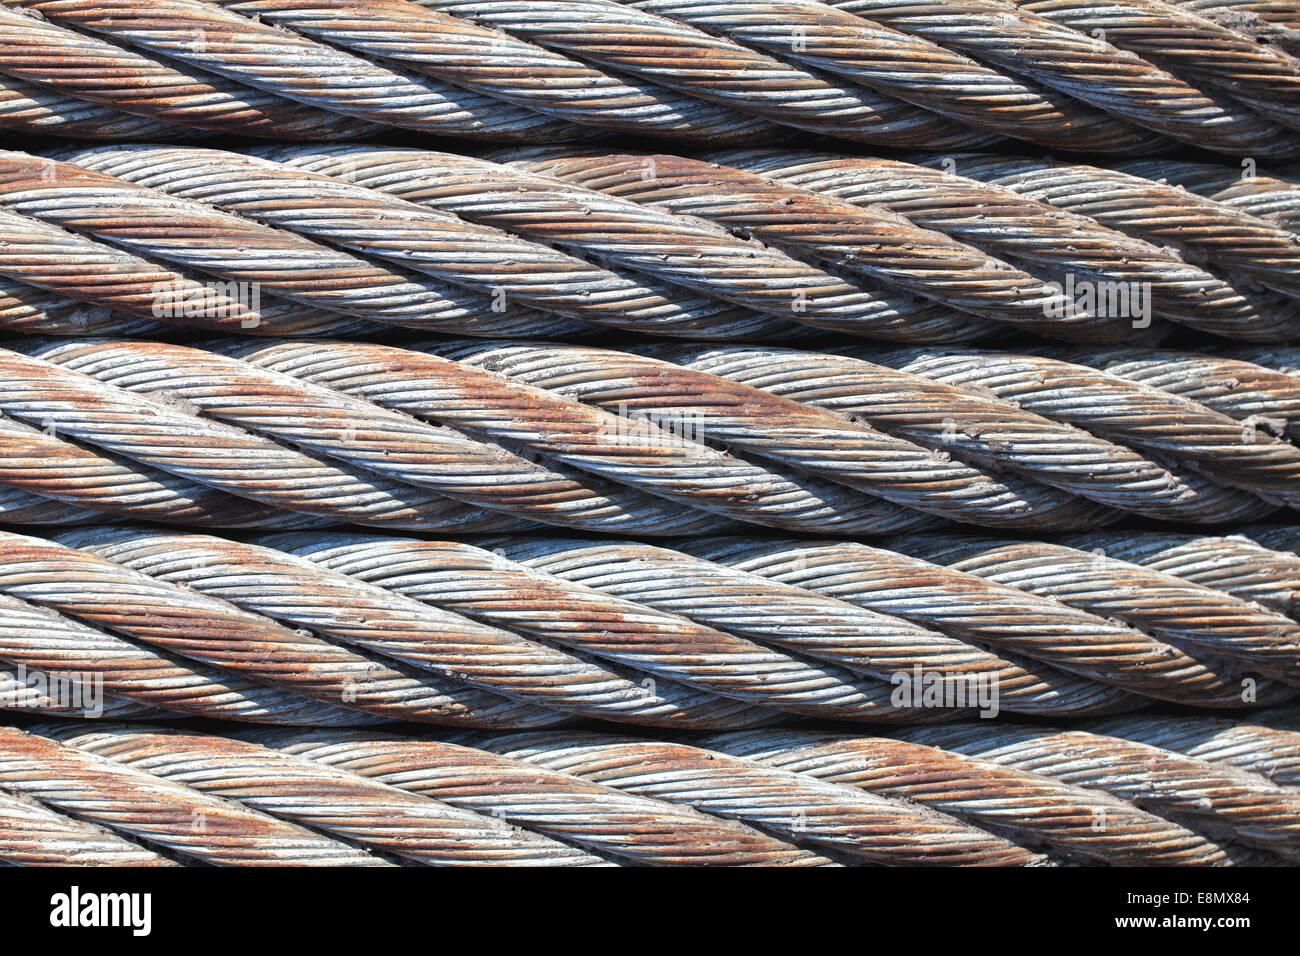 Cierre de viejos de cable de acero. Imagen De Stock